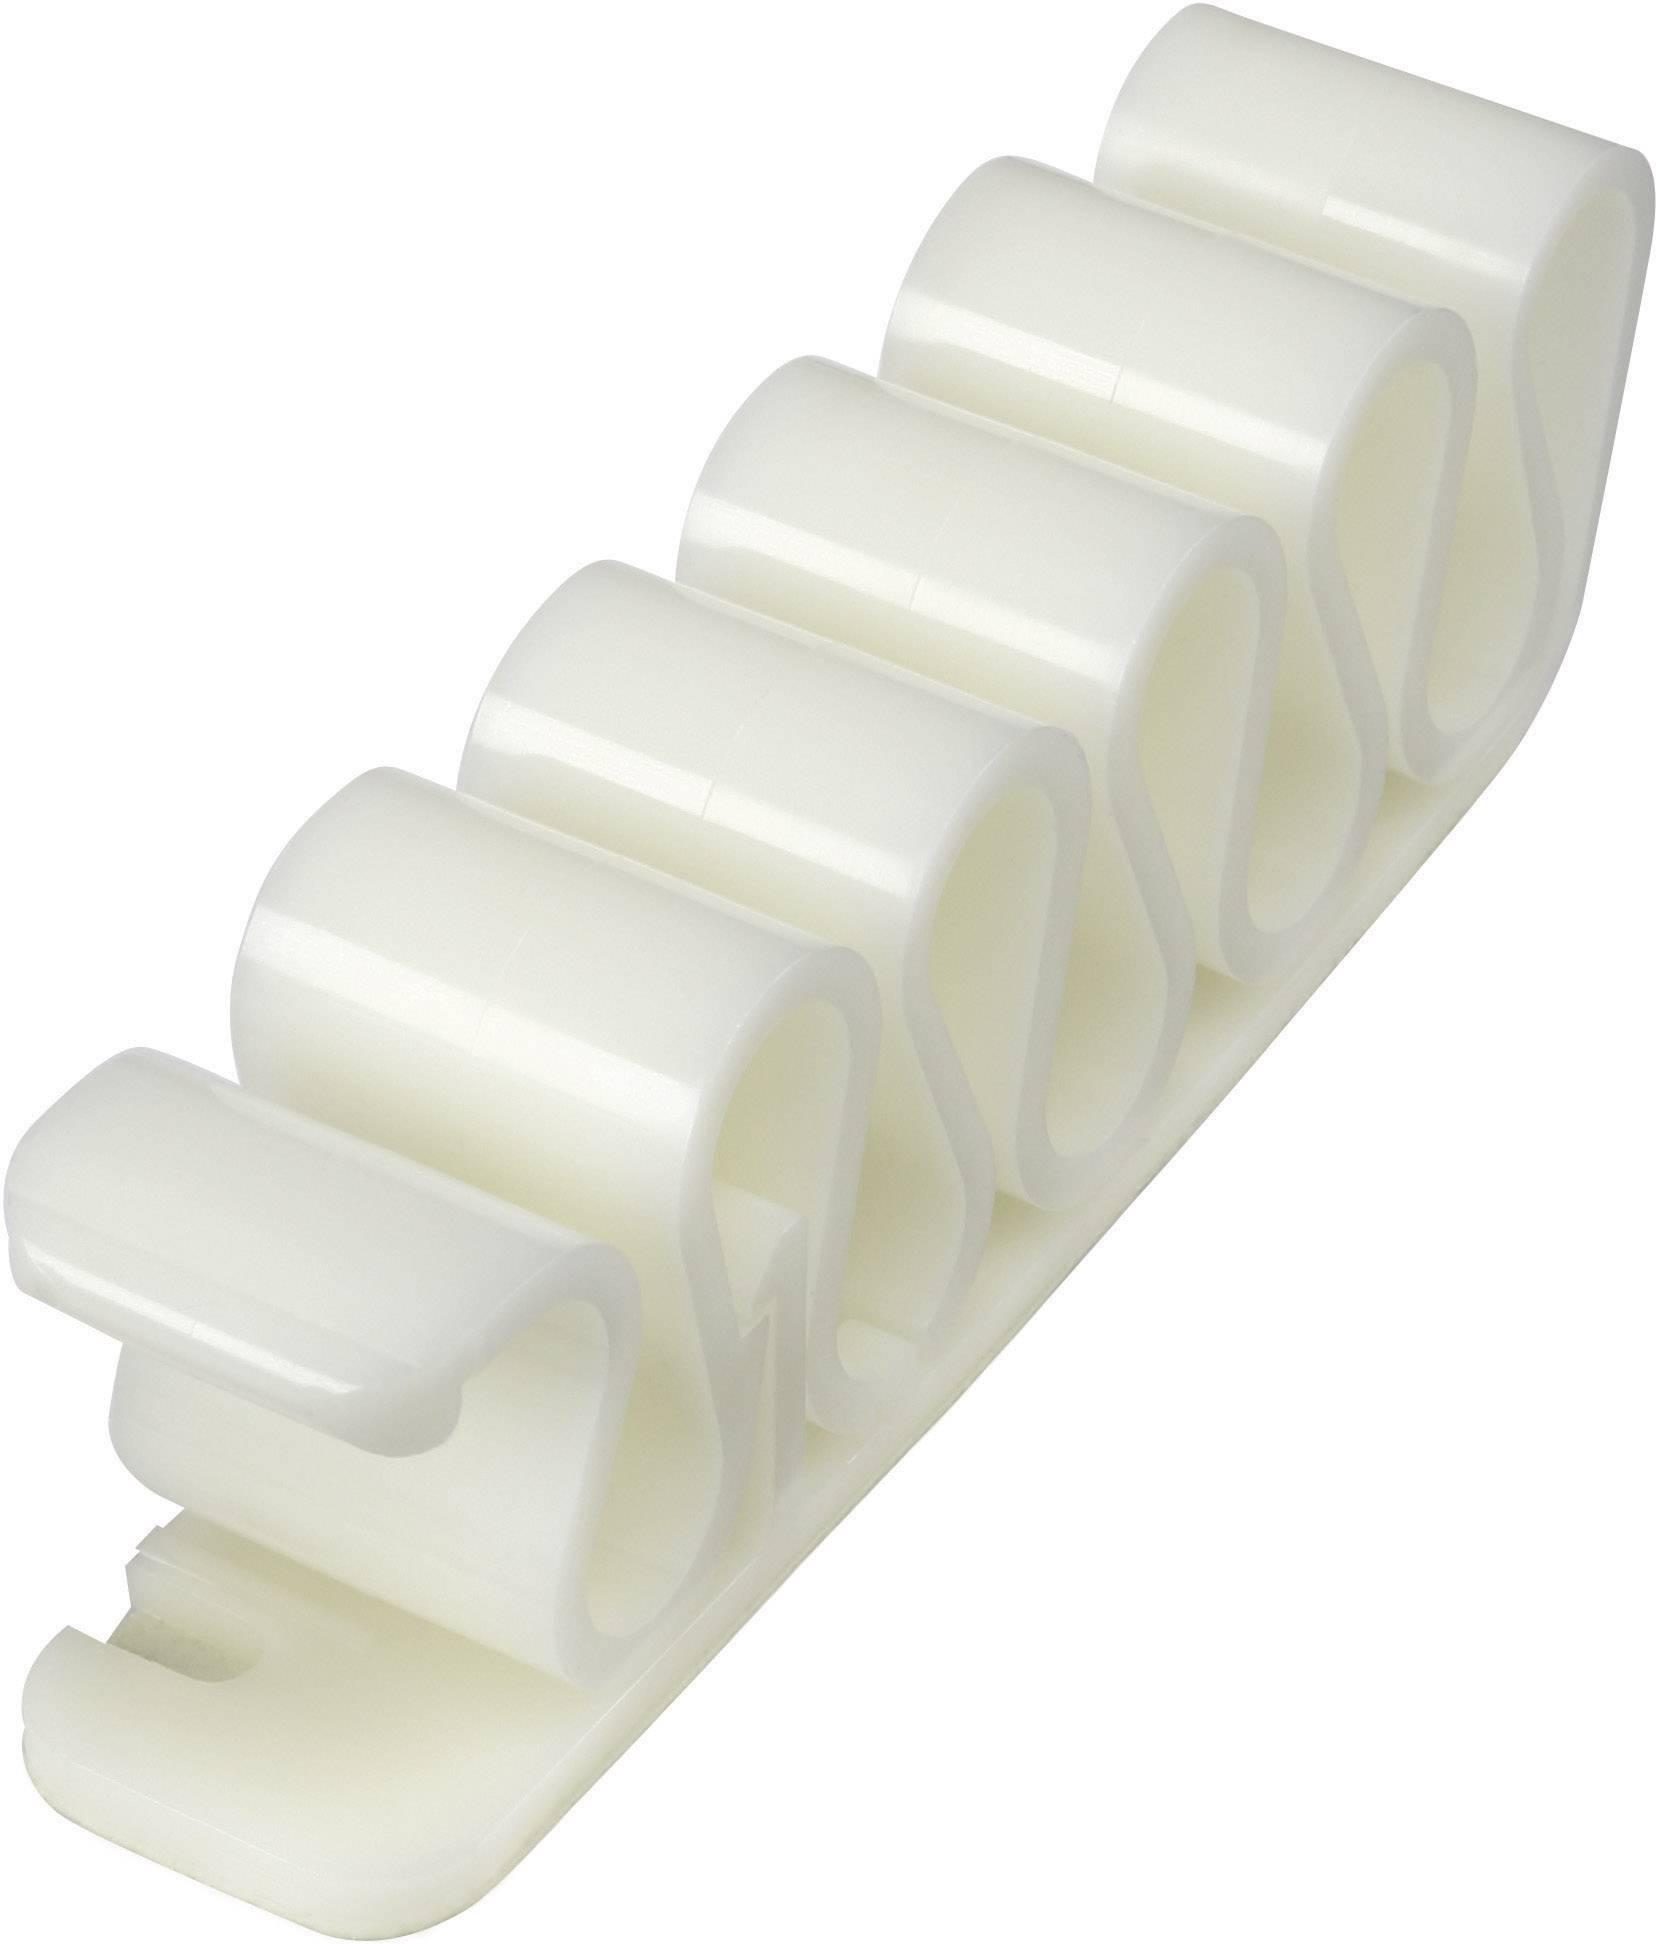 Kabelová spona 630914, samolepicí, 8 mm (max), bílá, 1 ks